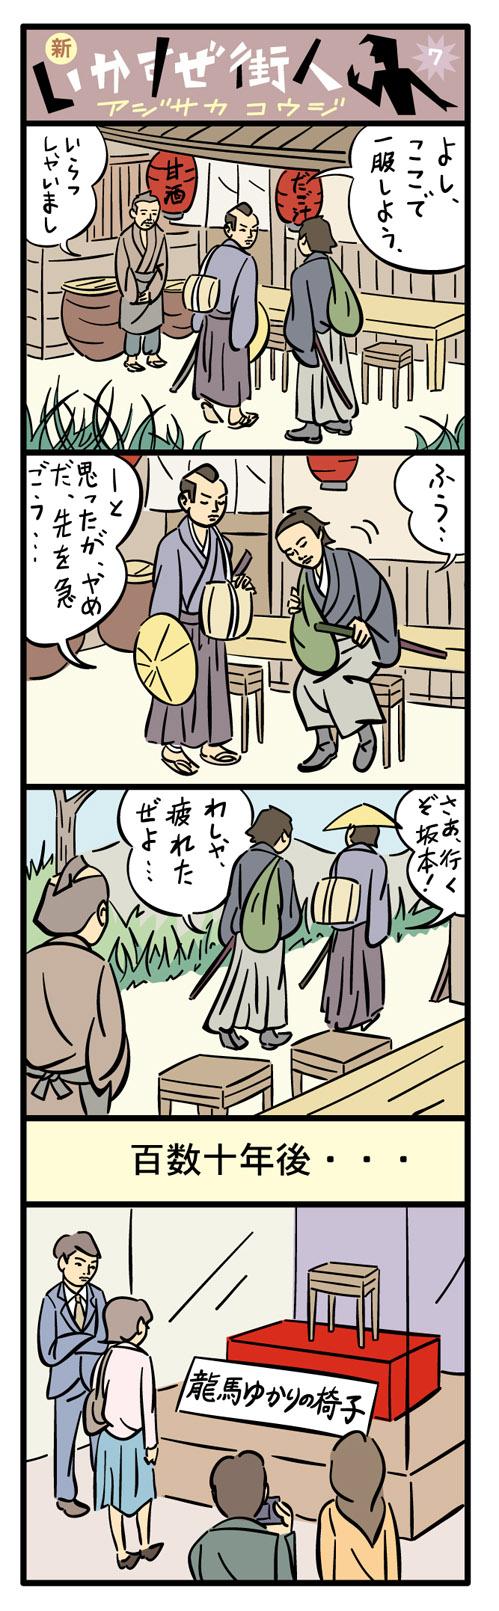 newmachi07.jpg